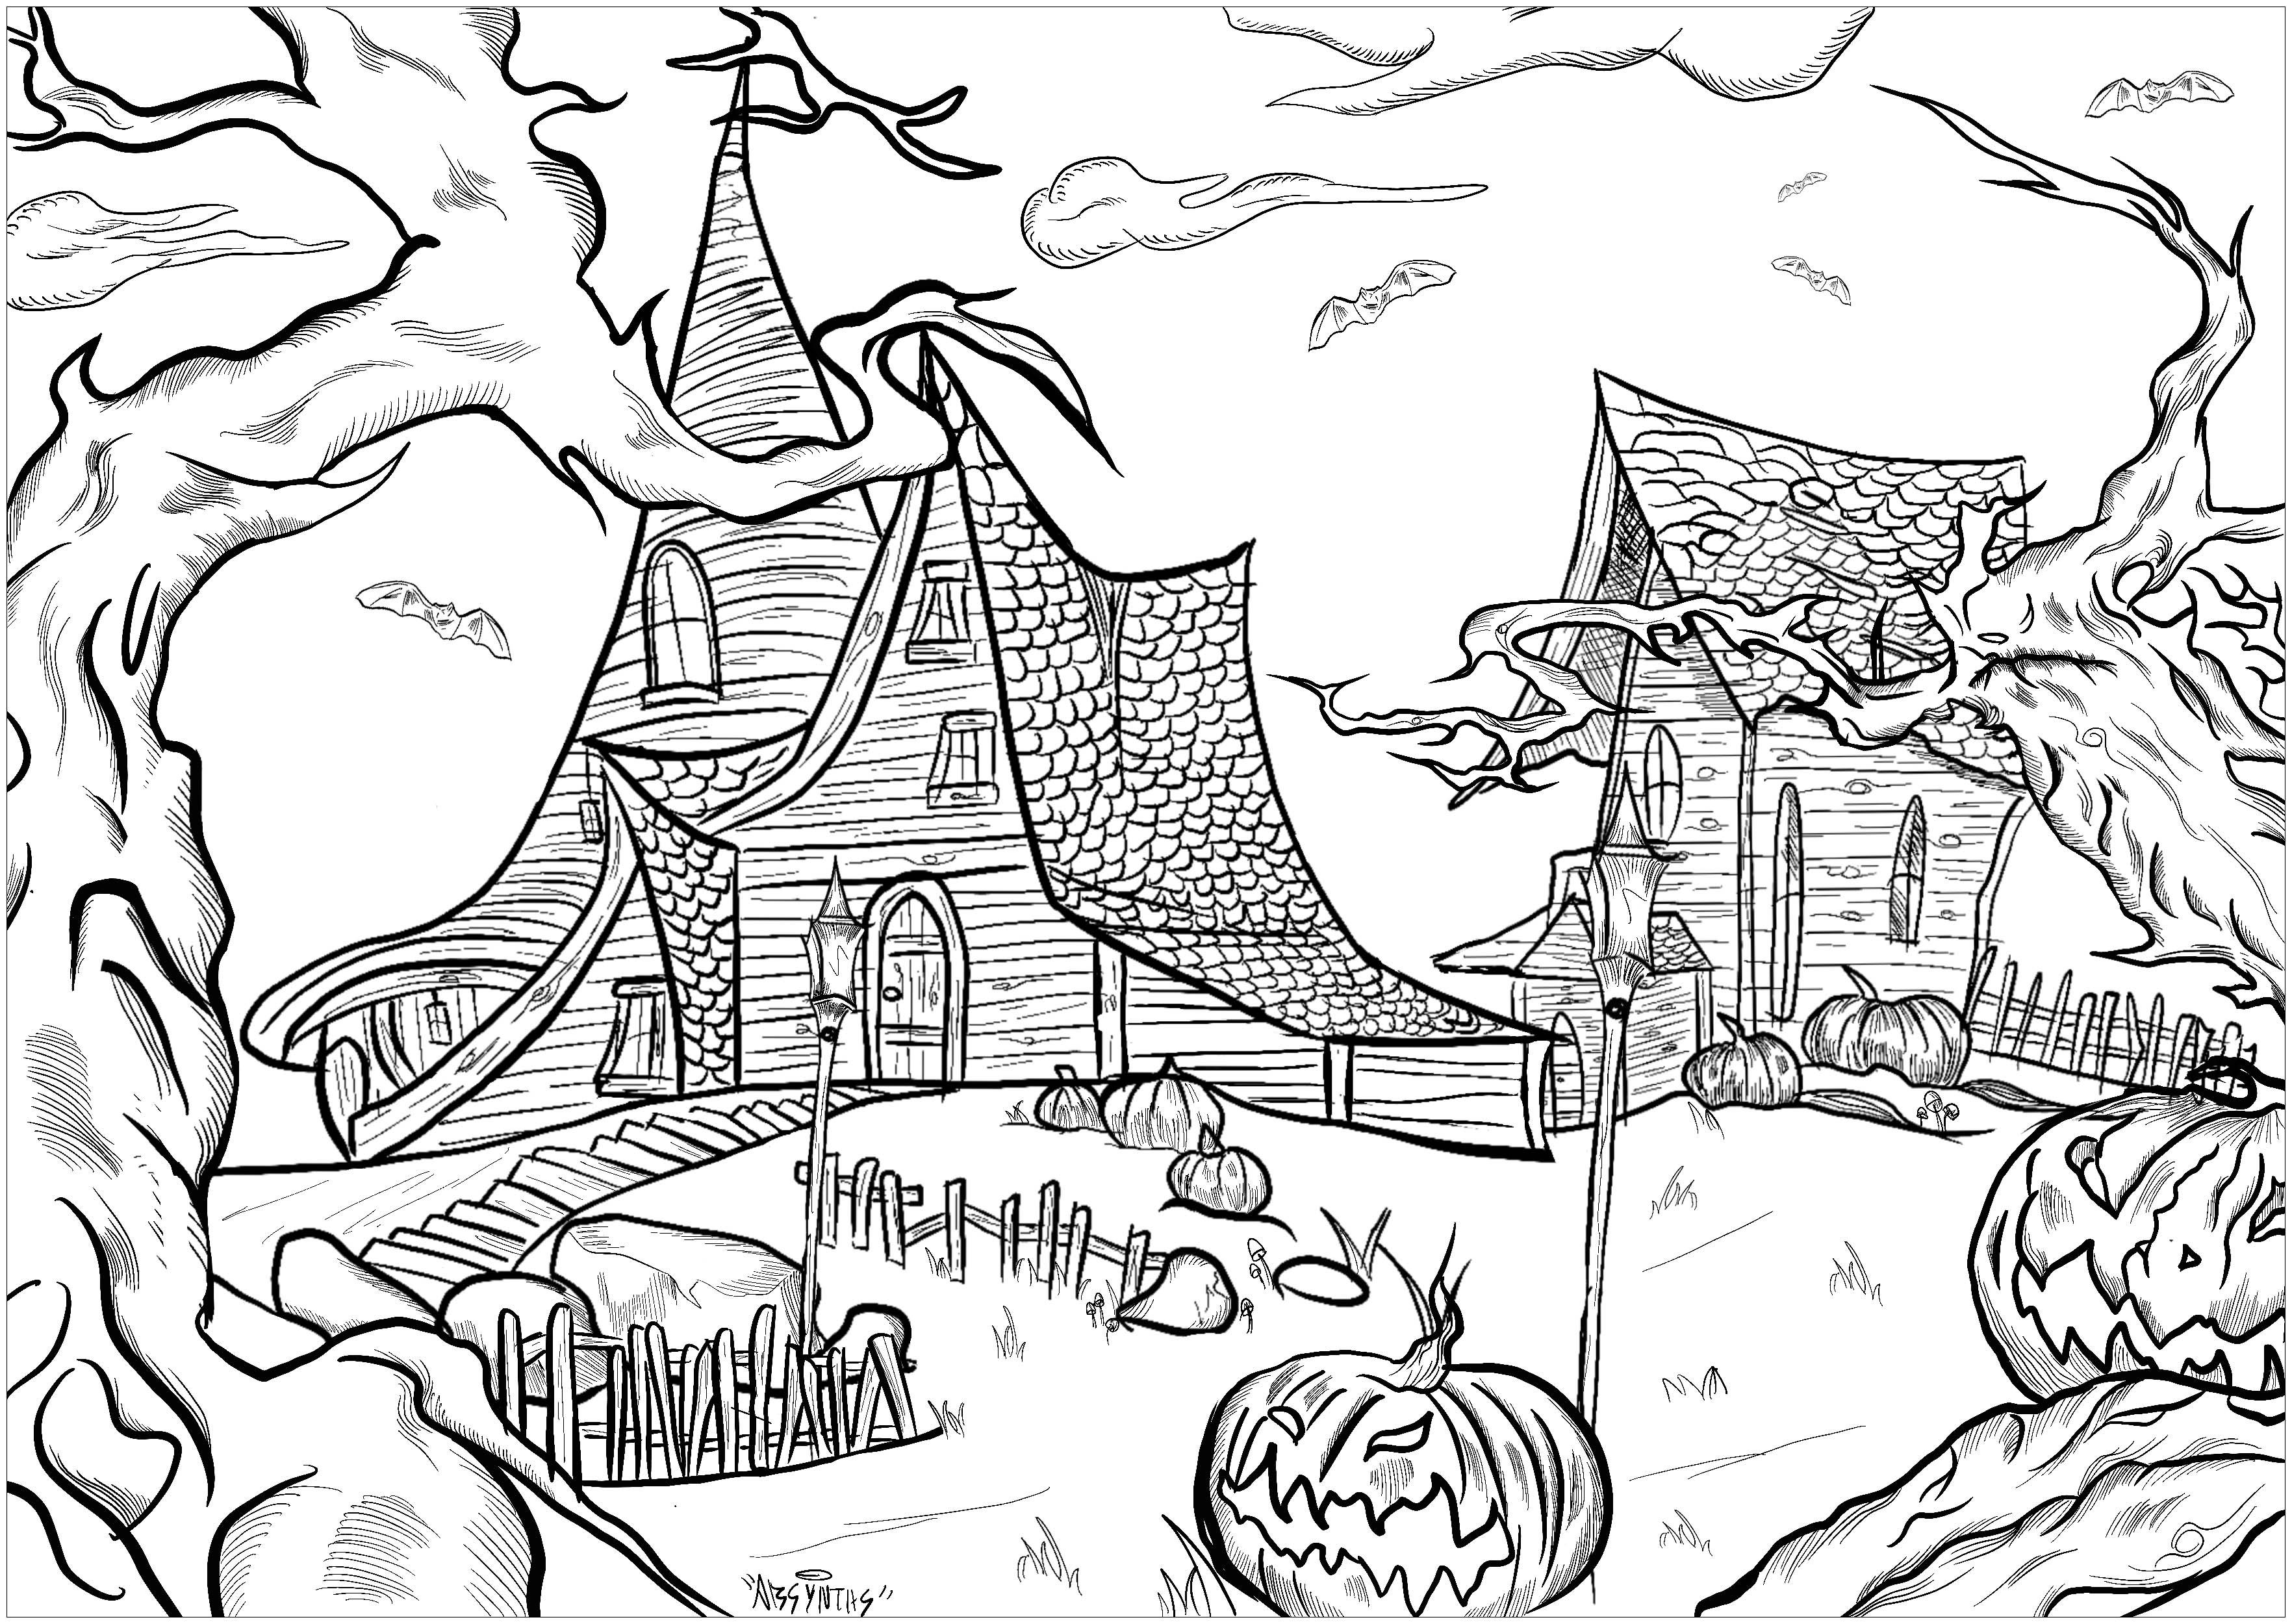 Deux maisons hantées dans un paysage cauchemardesque ! Arbres menaçants, citrouilles d'Halloween, chauves-souris ....